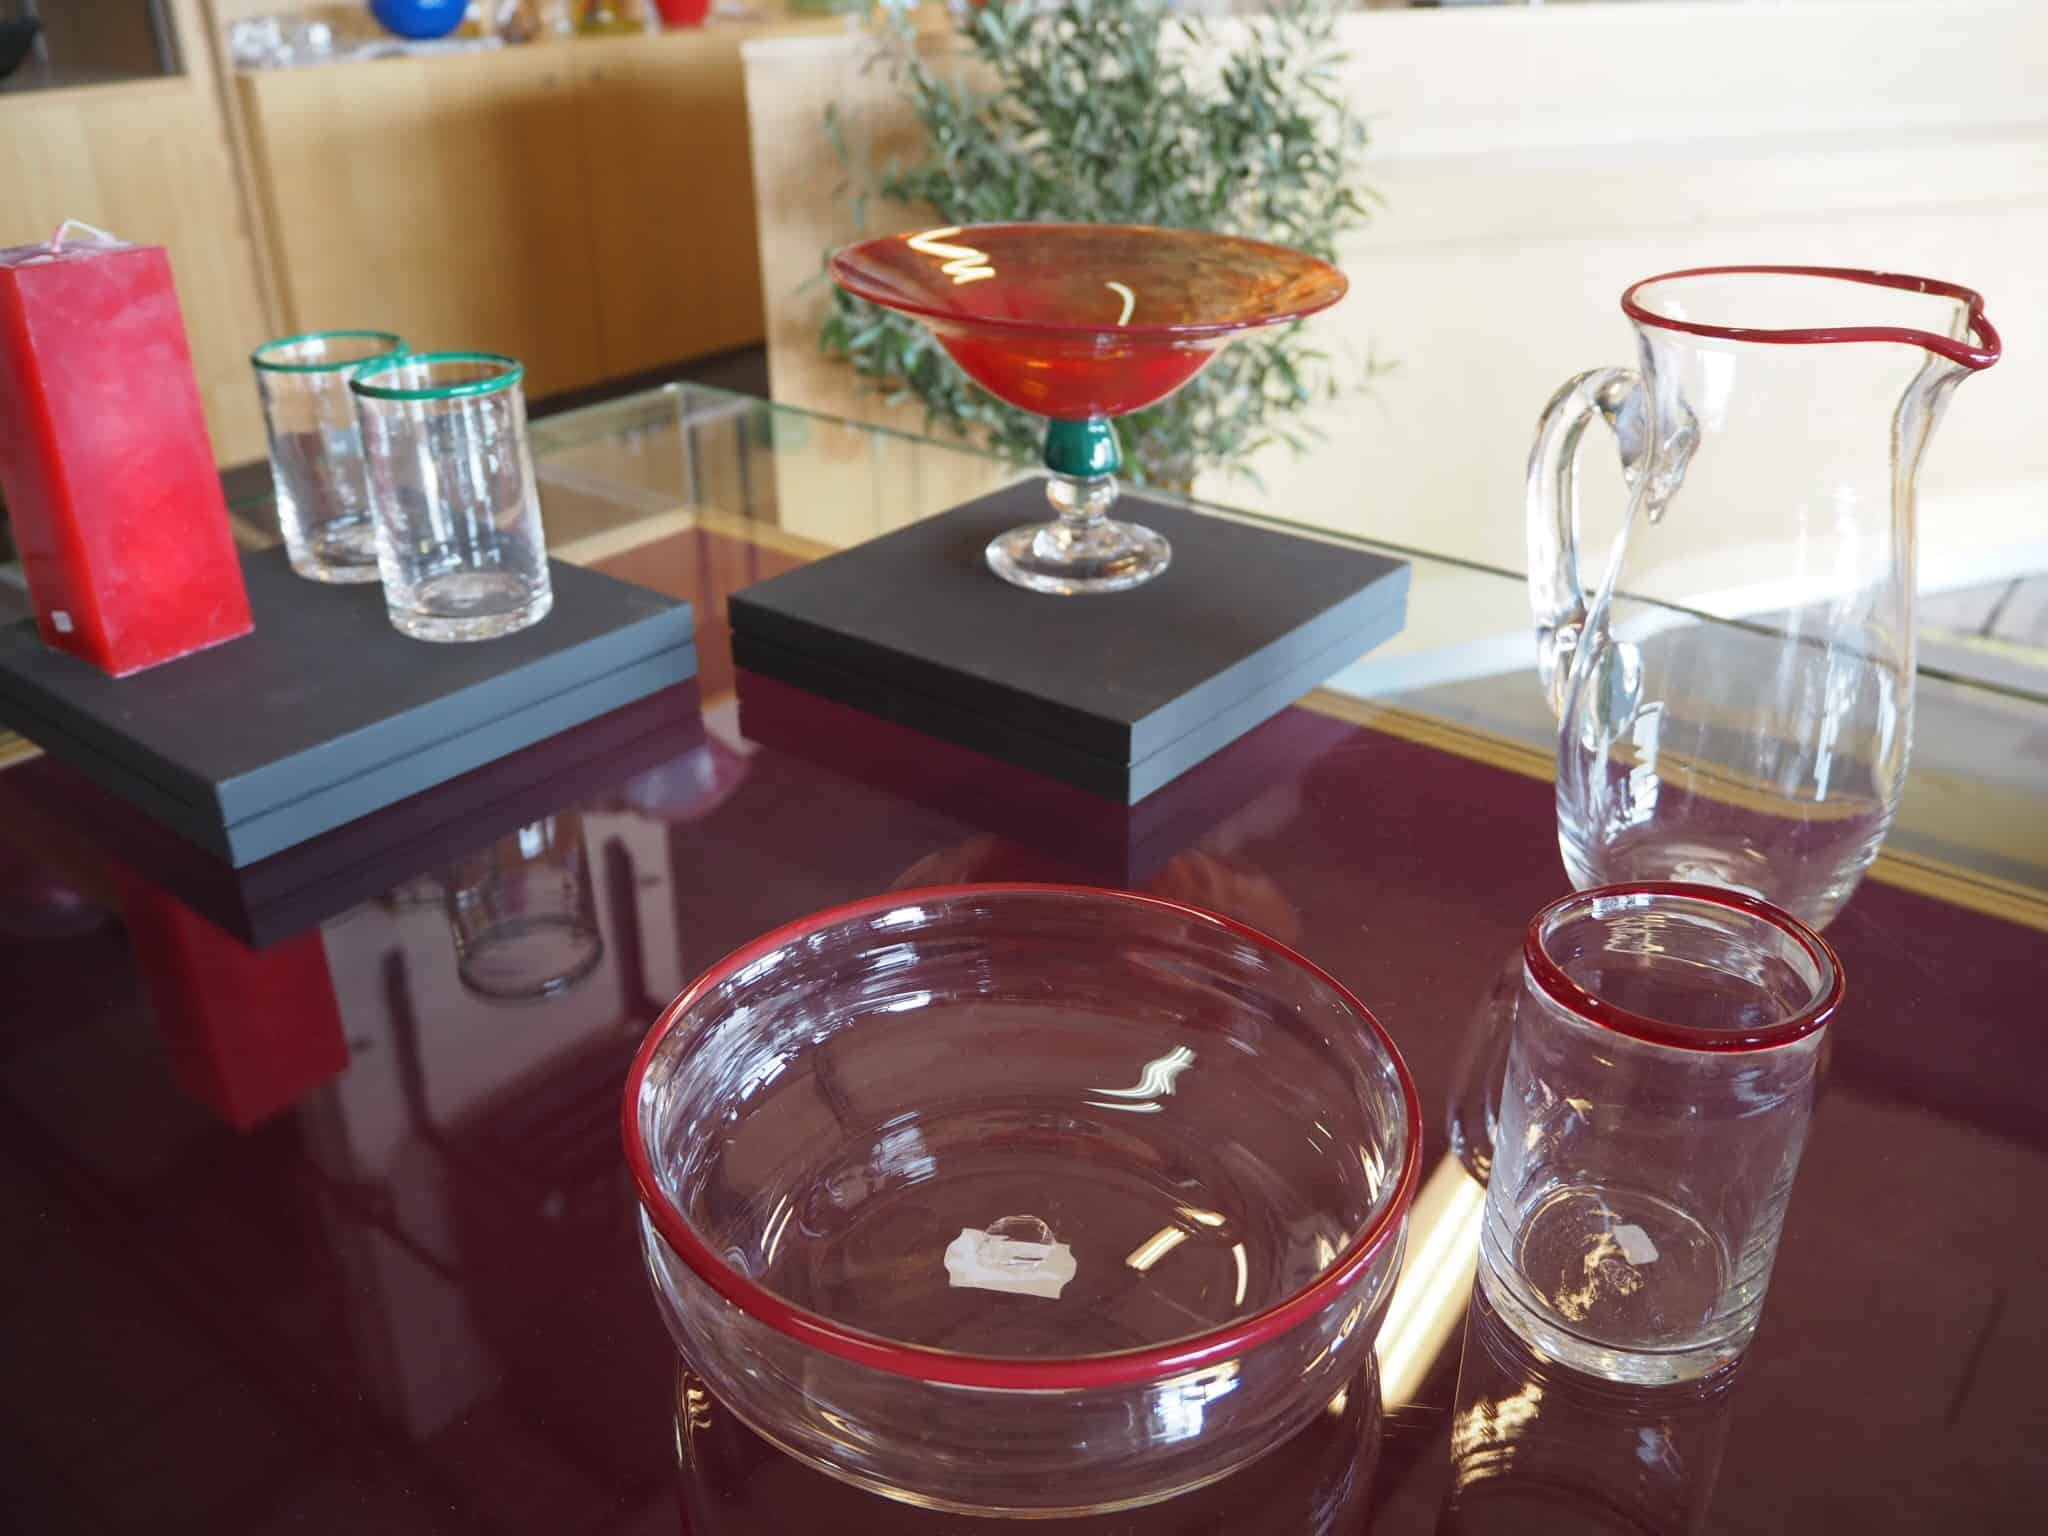 Glas med røde kanter